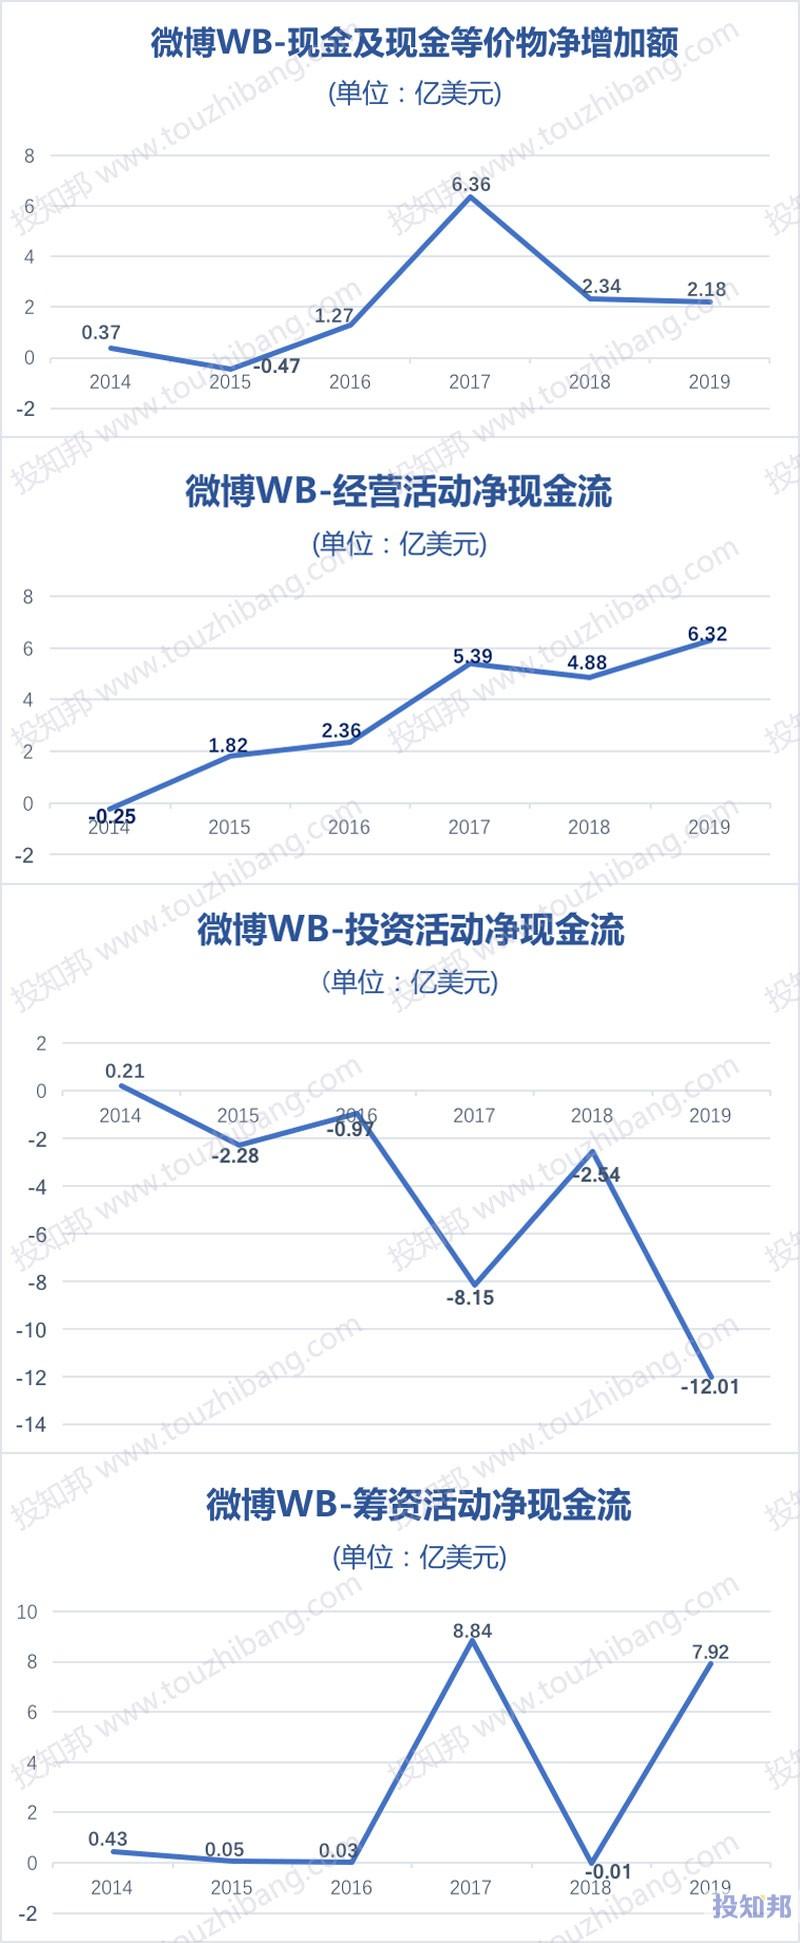 微博(WB)财报数据图示(2014~2020年Q2,更新)